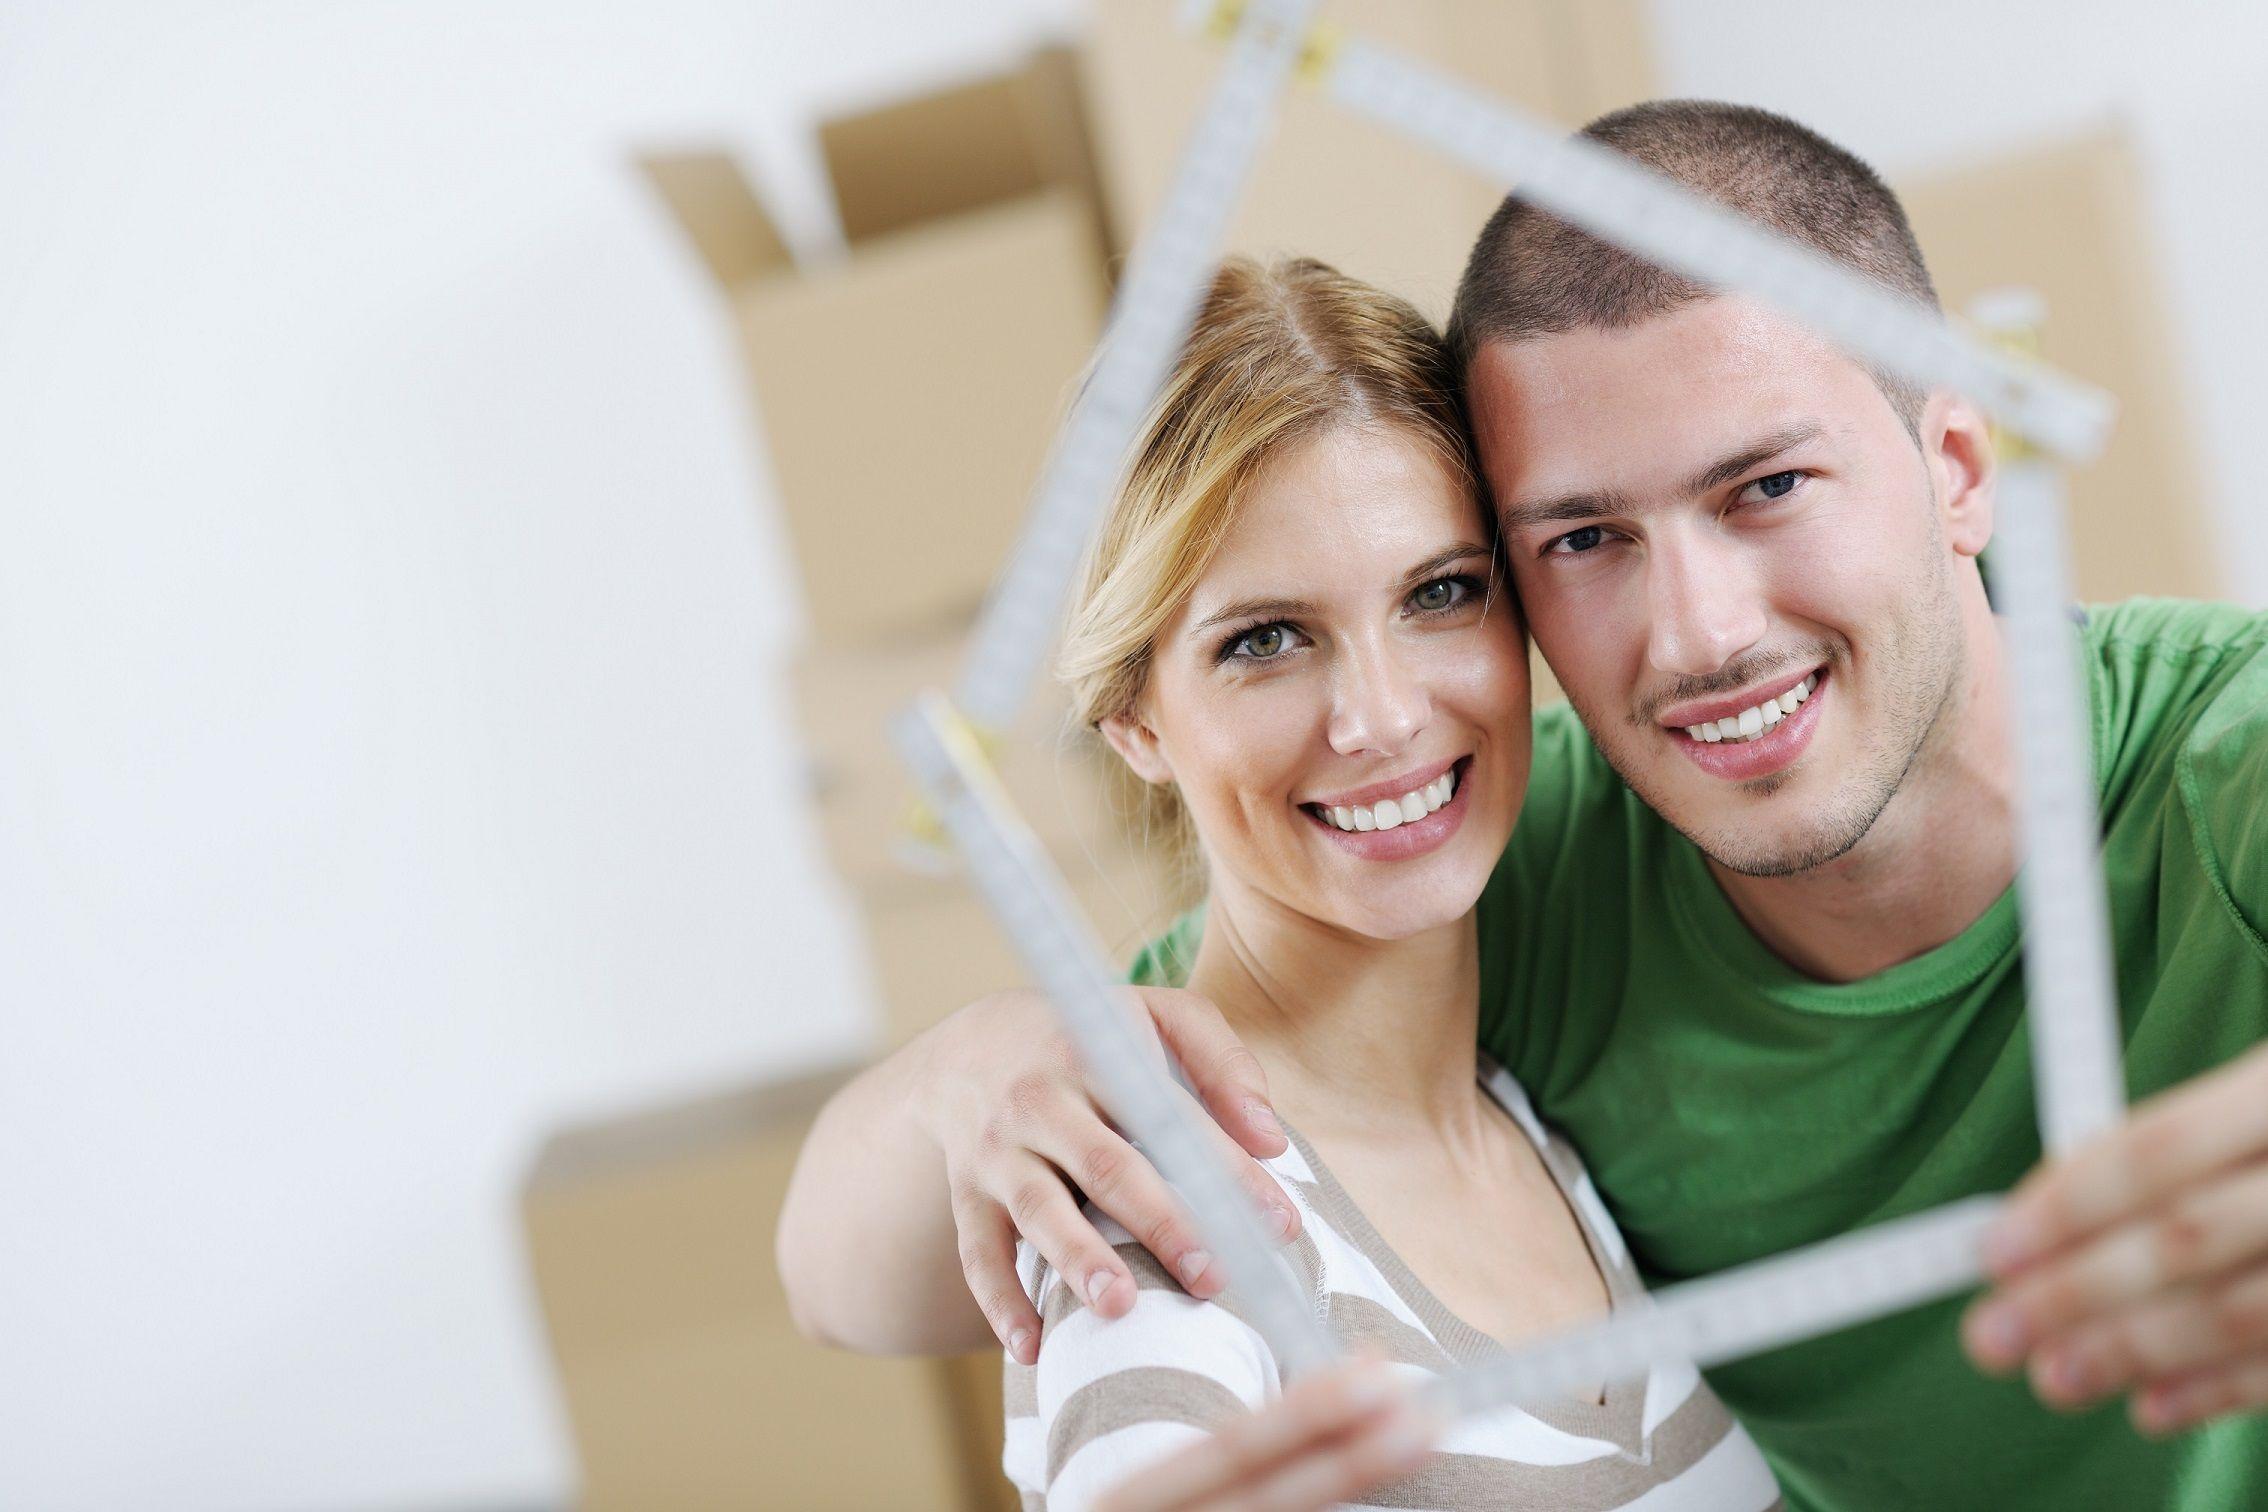 квартира куплена в браке но оформлена на мужа в ипотеку минуты